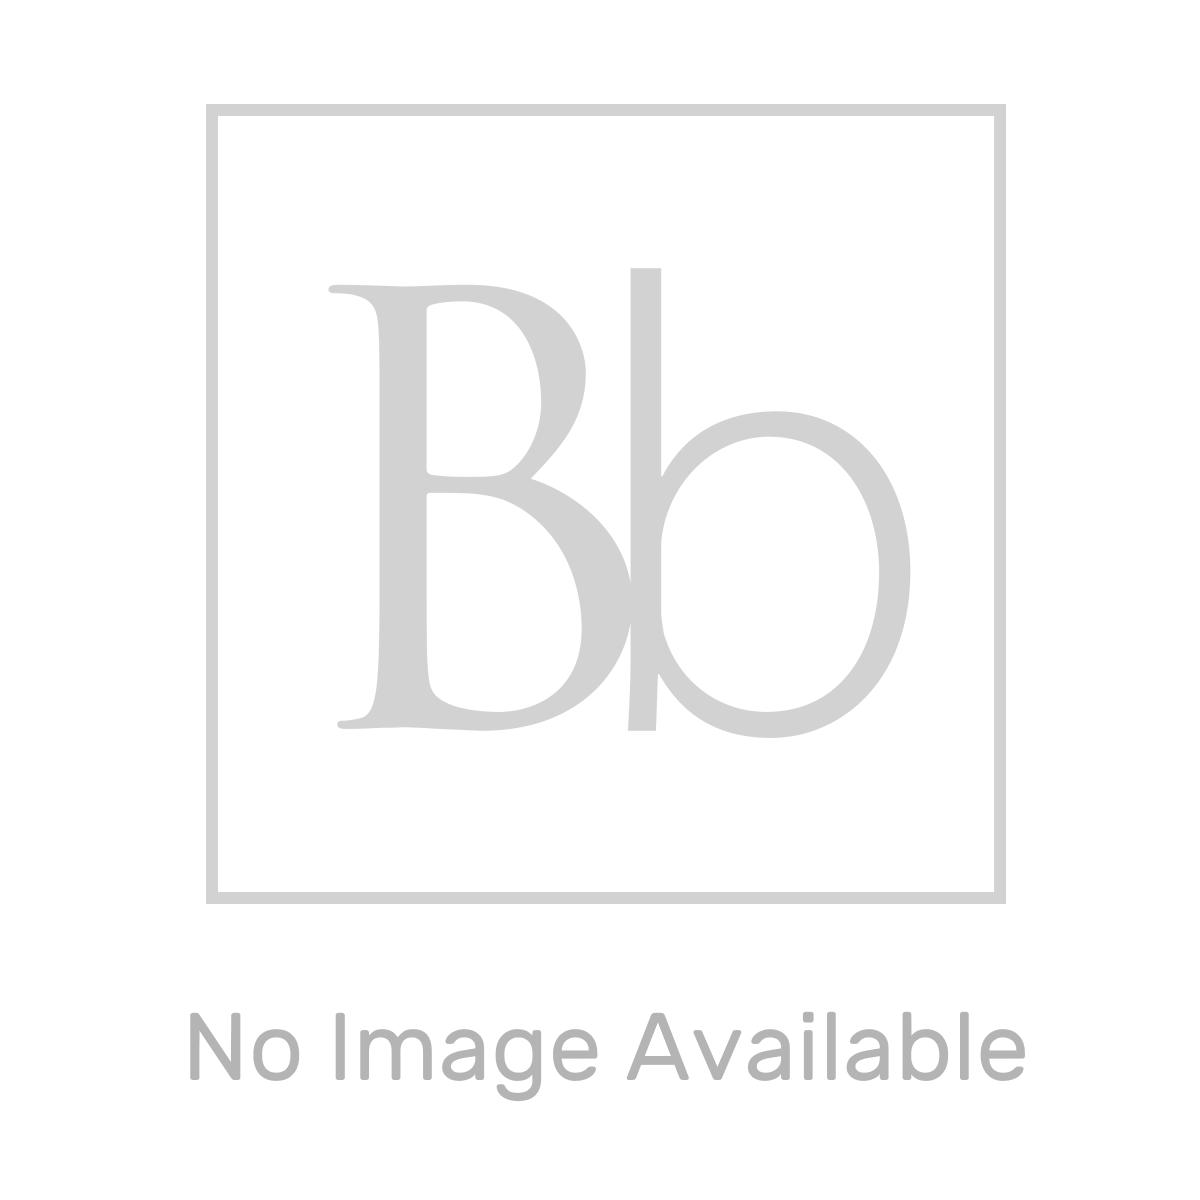 April Shower Tray Riser Kit 1400 - 1700